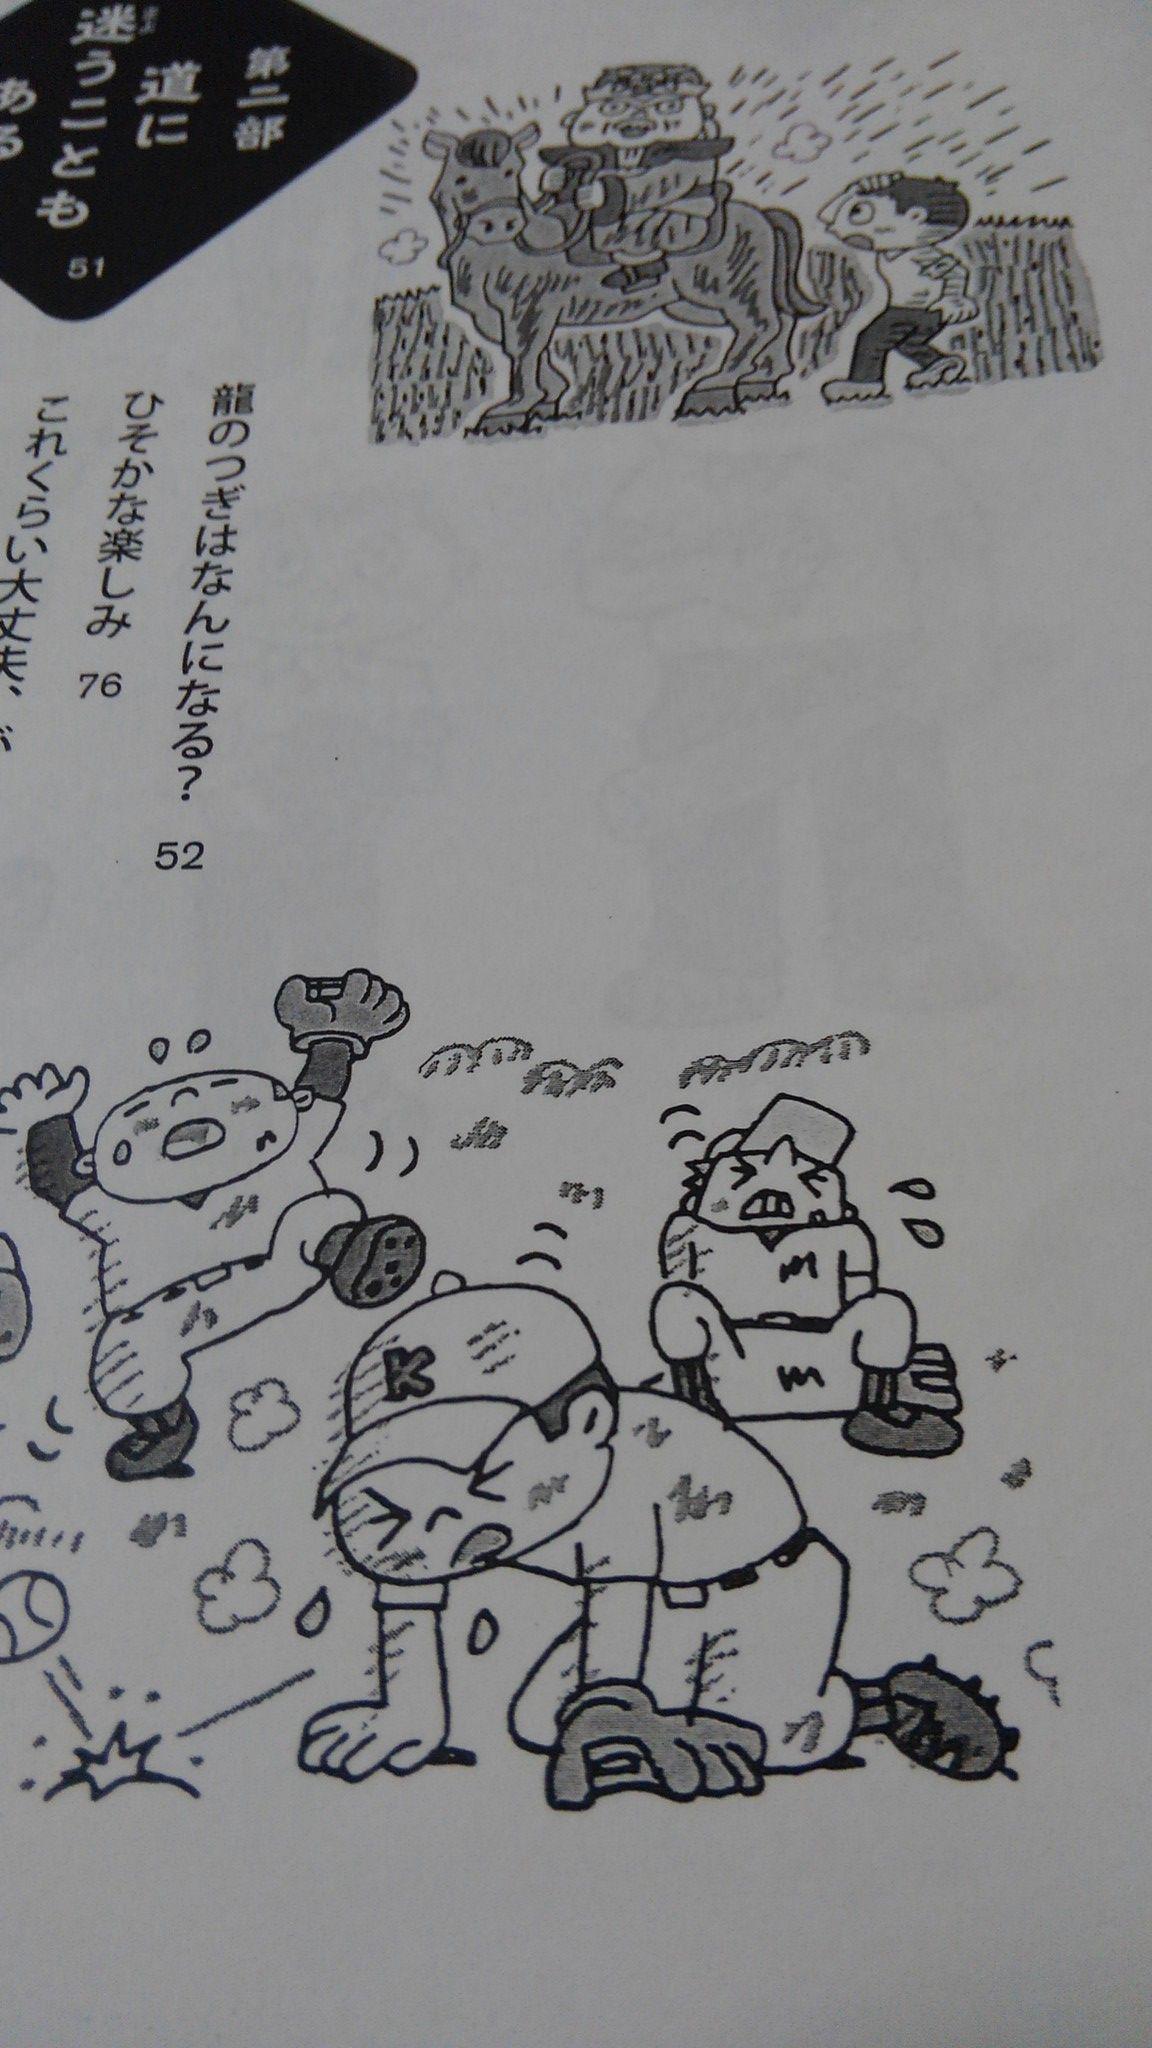 川崎へ/『易経 陰の巻』イラスト/ゆらぎ~不安定の安定~観る目/時 ...